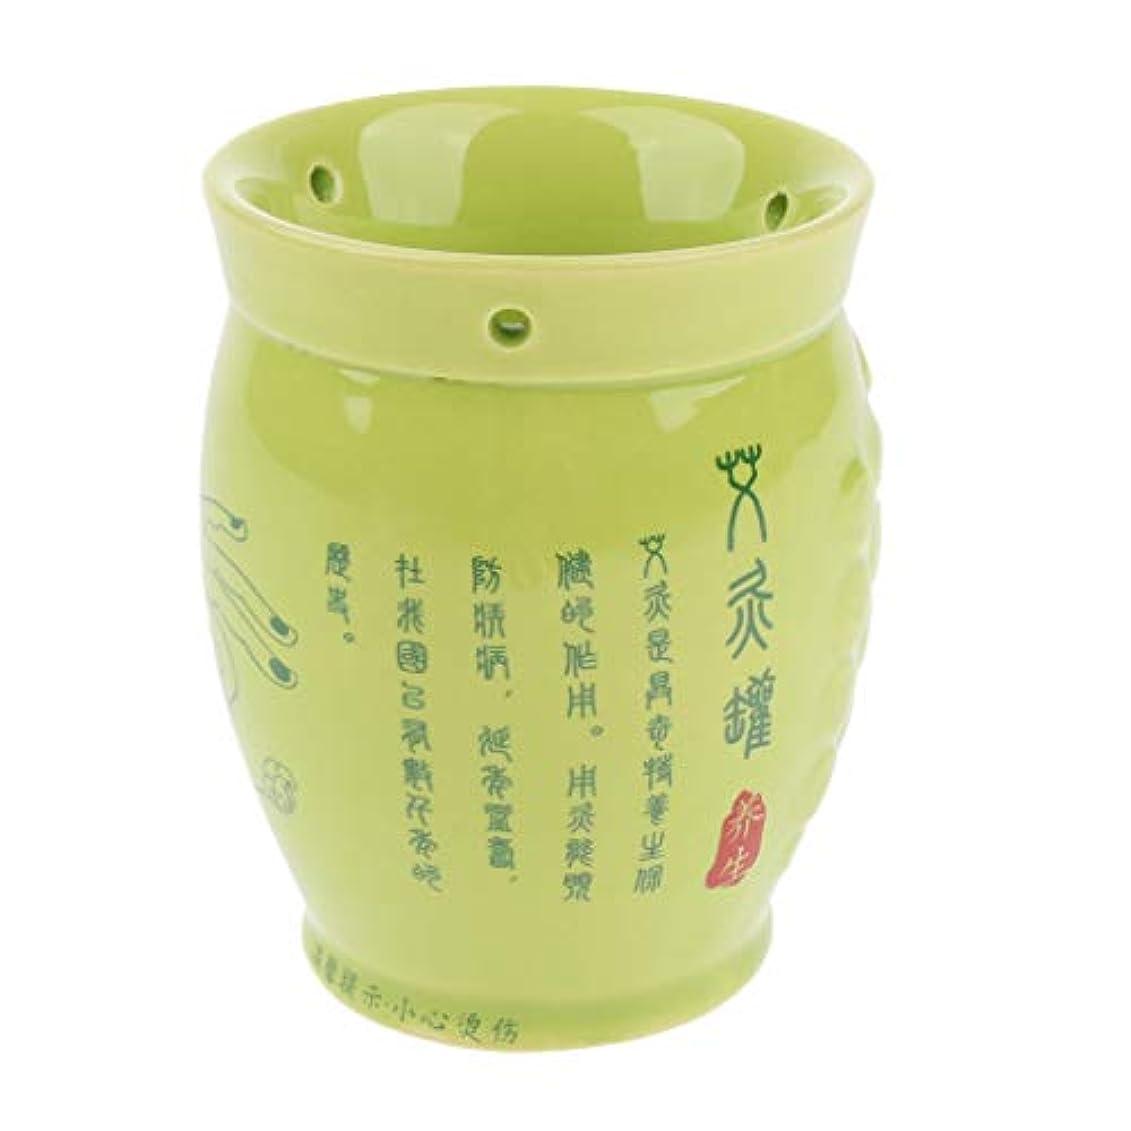 漫画愛されし者モトリーD DOLITY 中国式カッピングカップ 缶 ポット マッサージ お灸 セラミック製